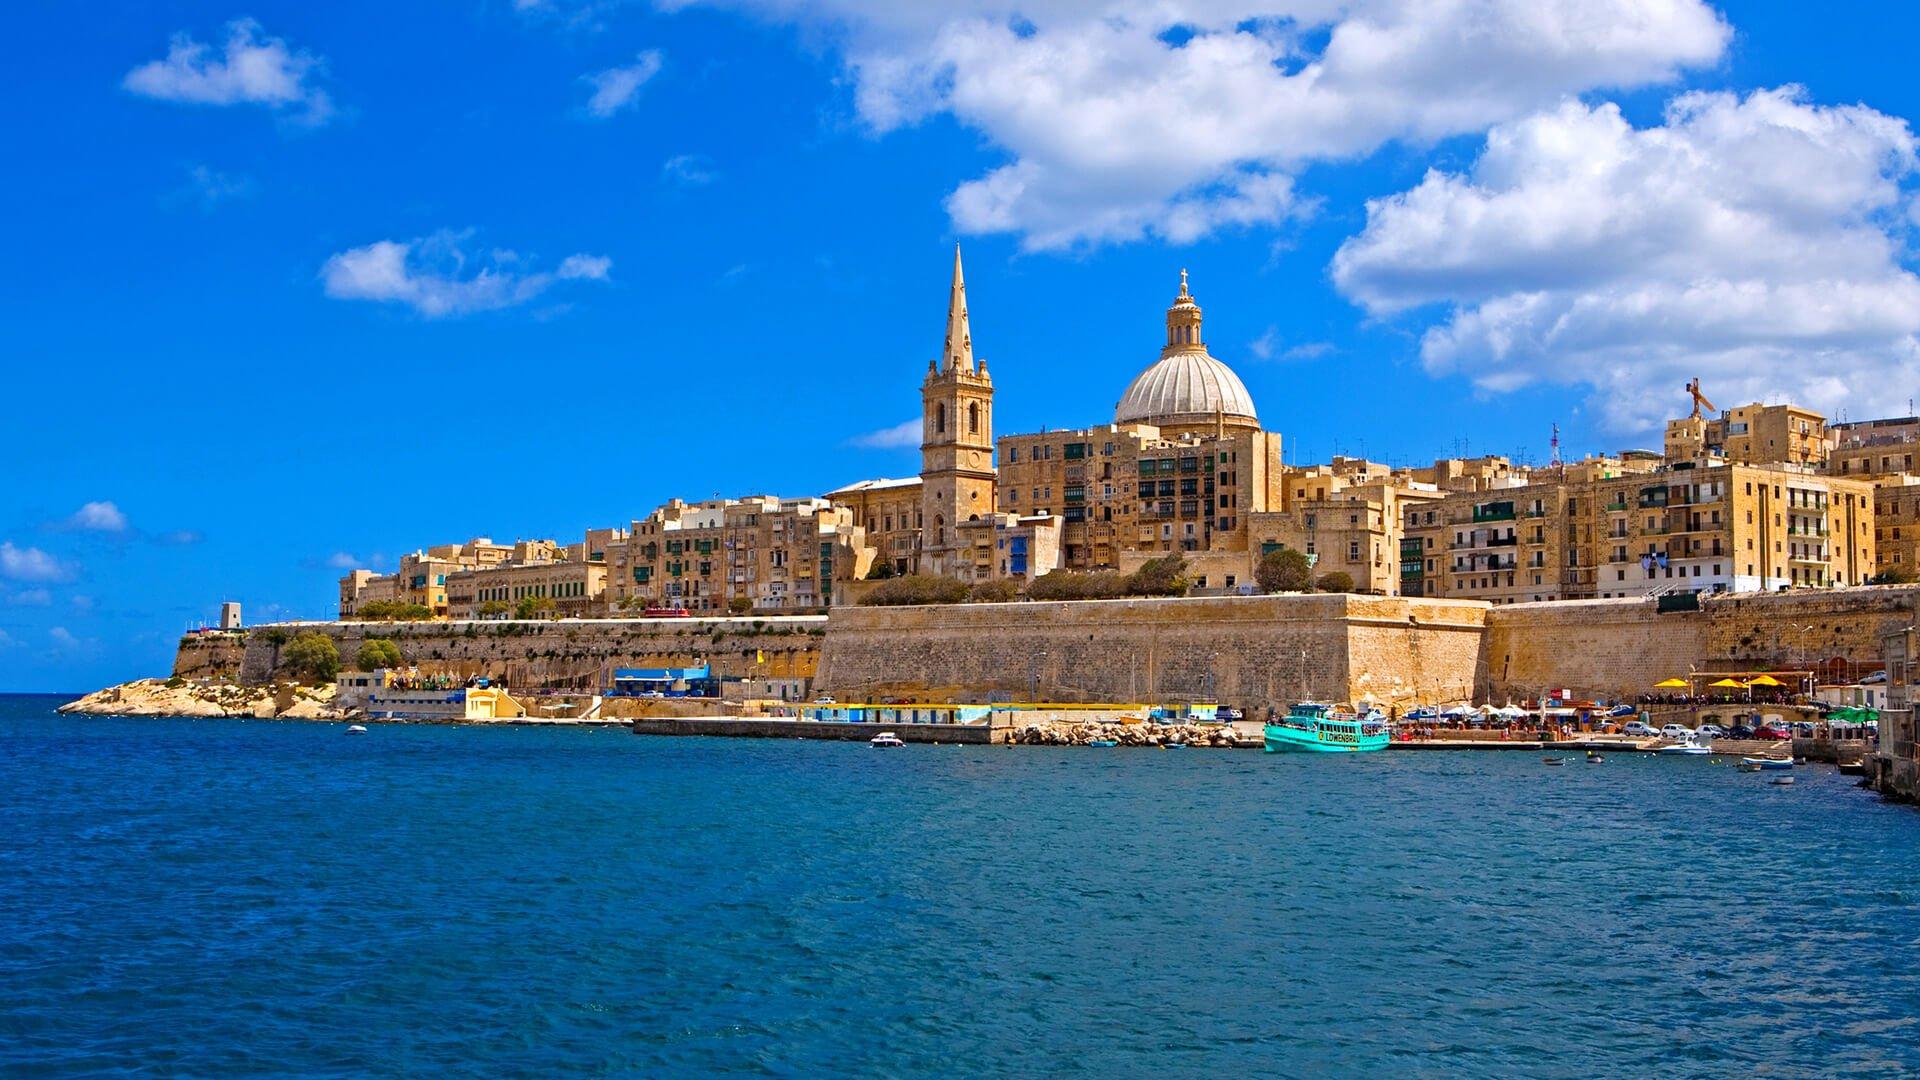 View of Valletta